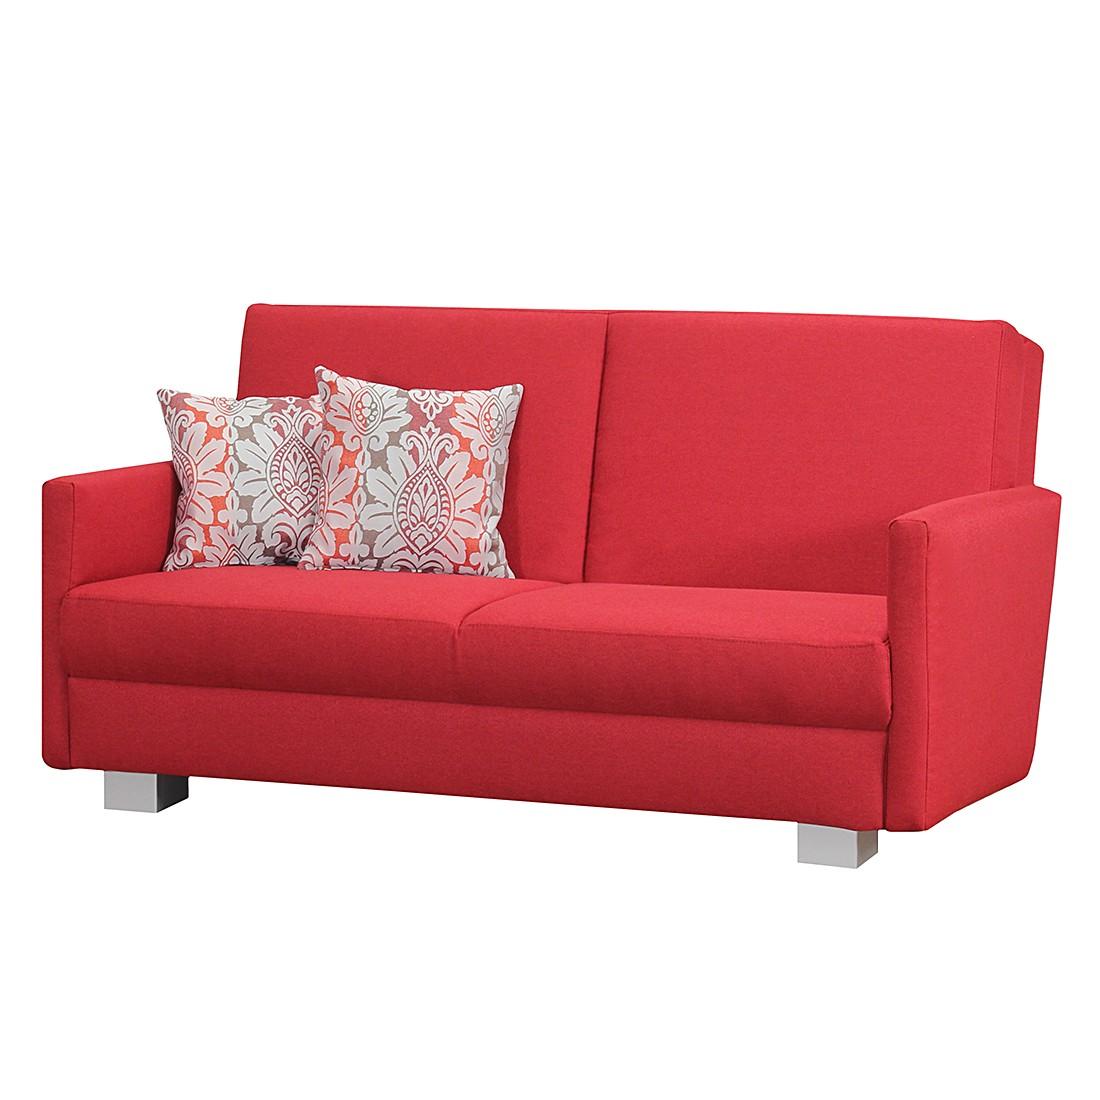 Faltsofa Roxanne (mit Schlaffunktion) – Webstoff Rot – Liegefläche: 155 x 200 cm, roomscape kaufen